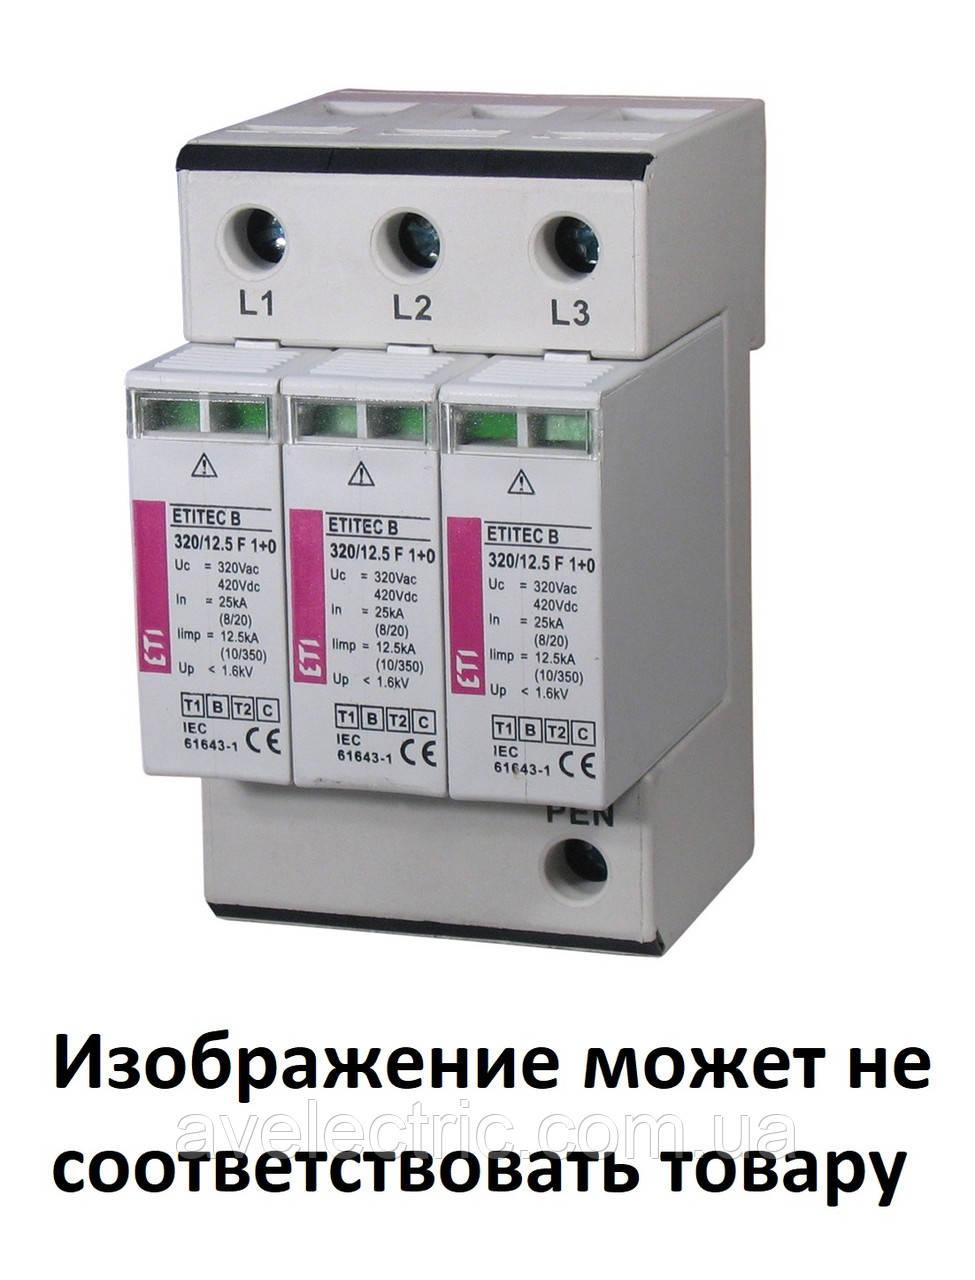 Ограничитель перенапряжения ETITEC S B 275/25 (2+0, 4p, TNC-S) RC